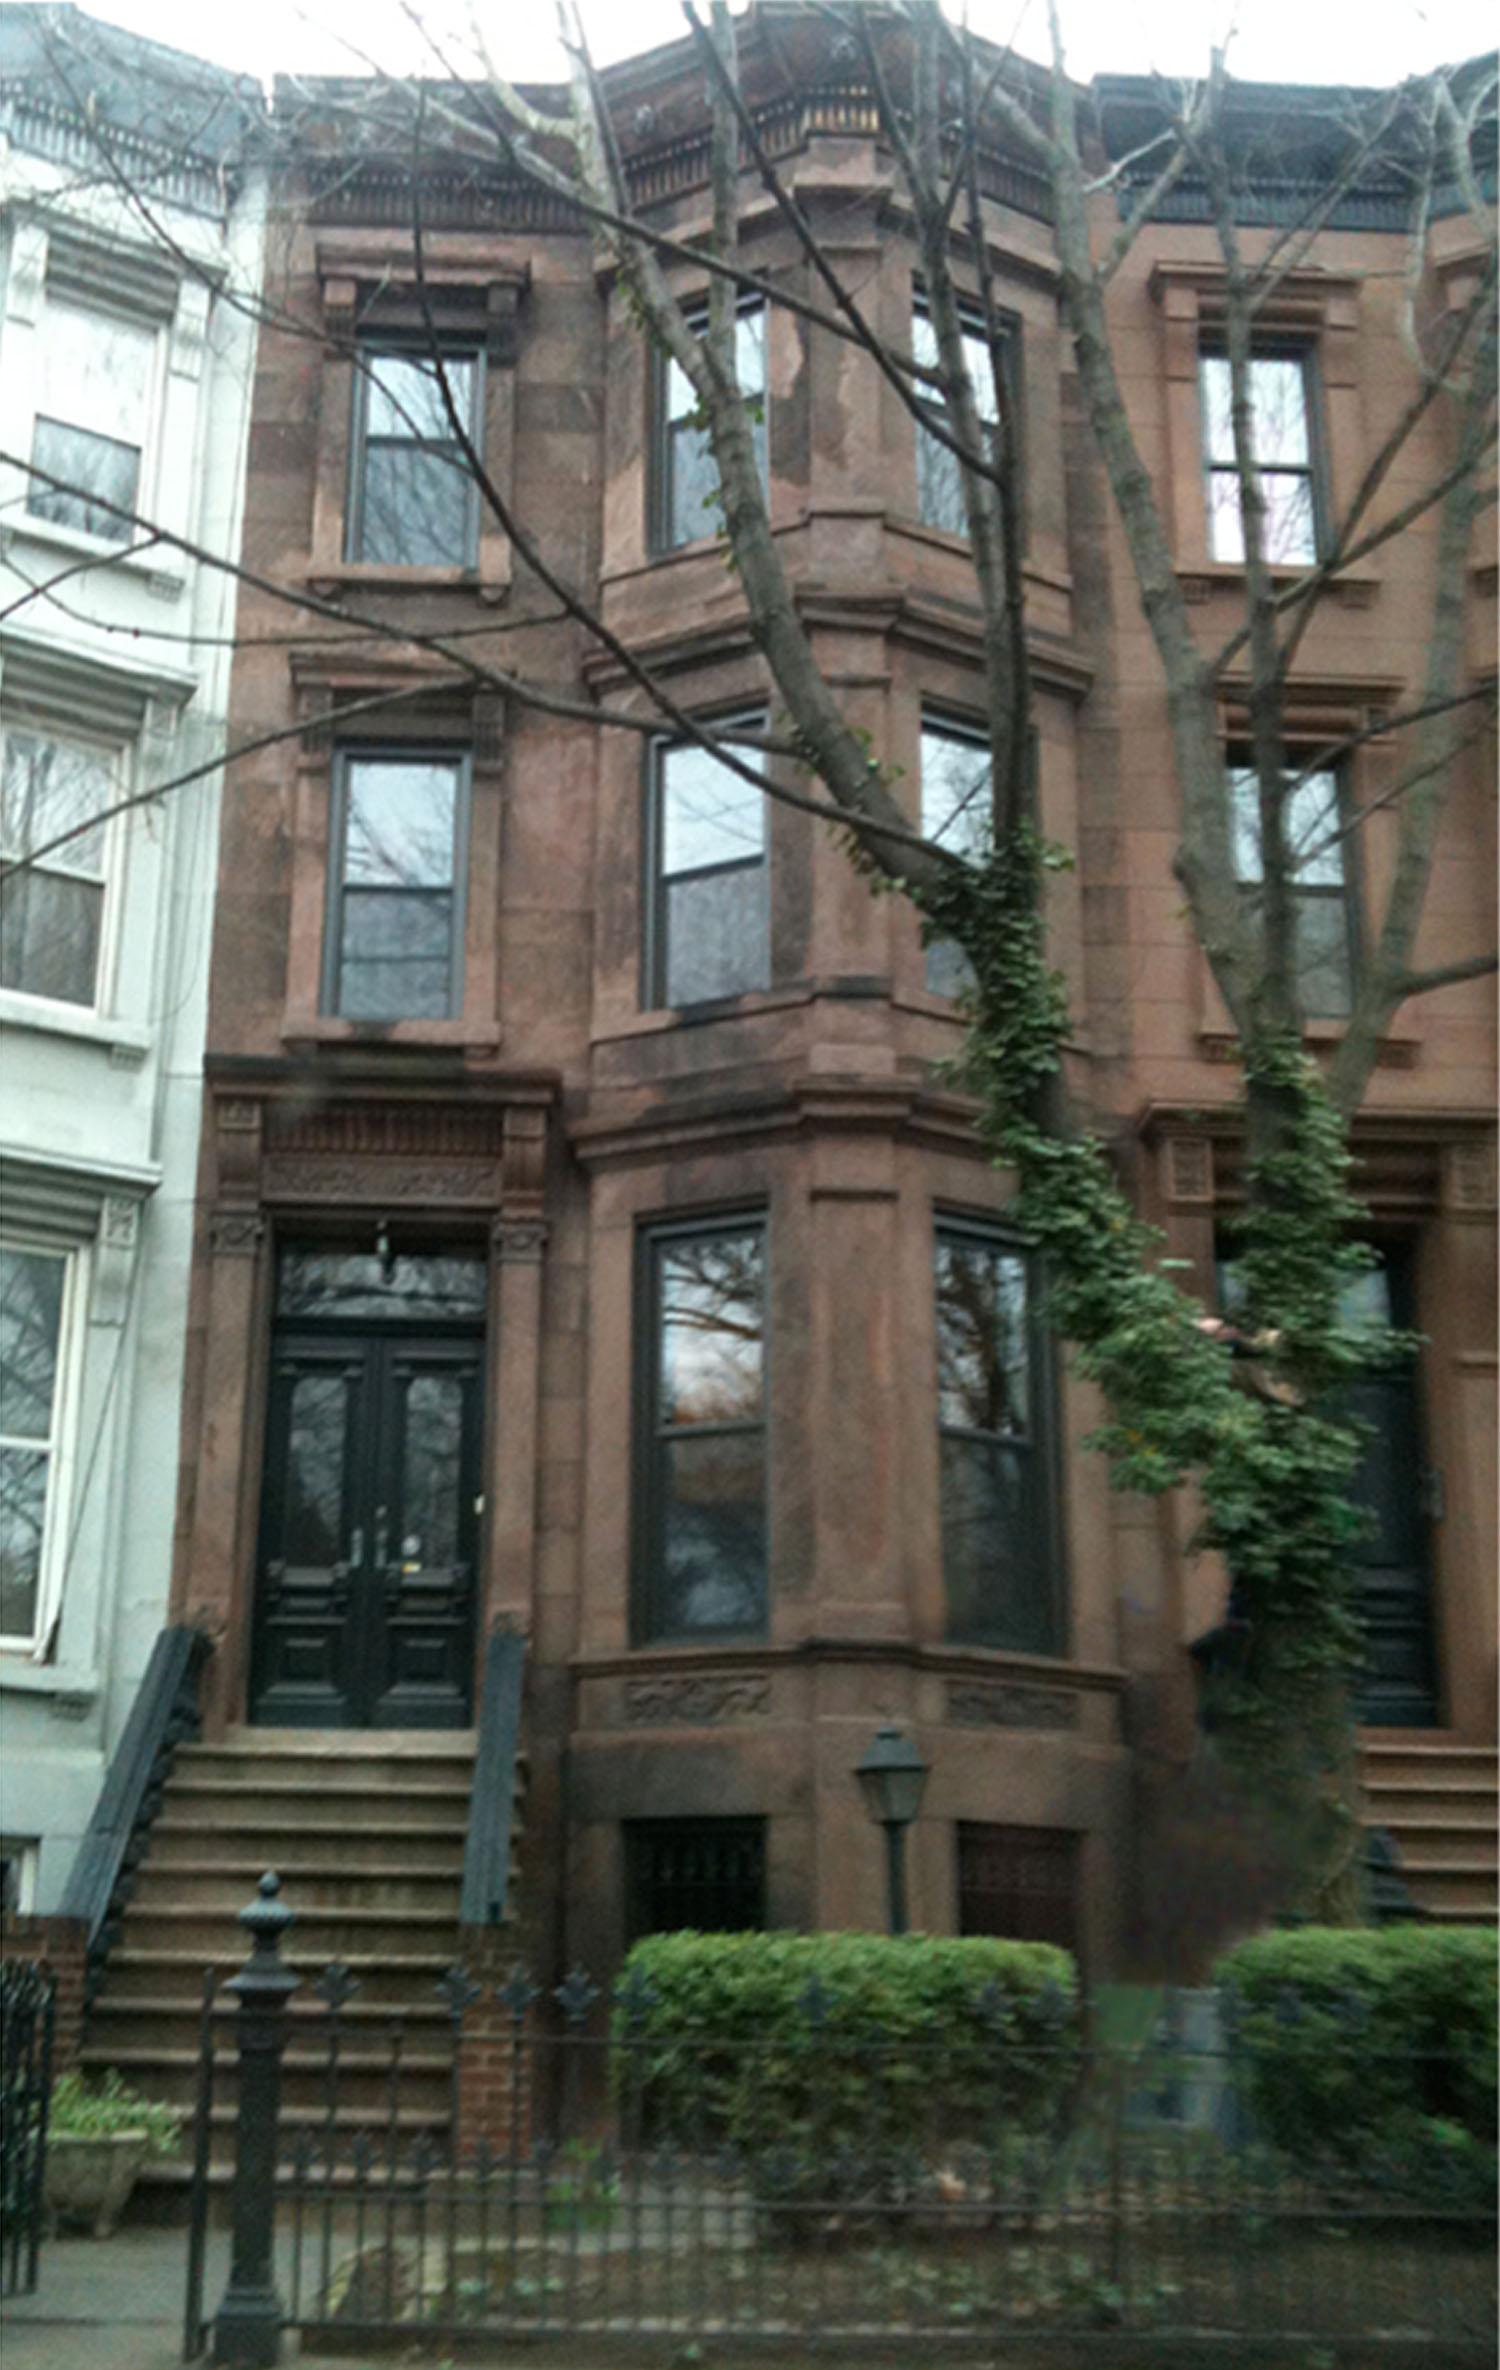 129 Clinton Avenue Rowhouse